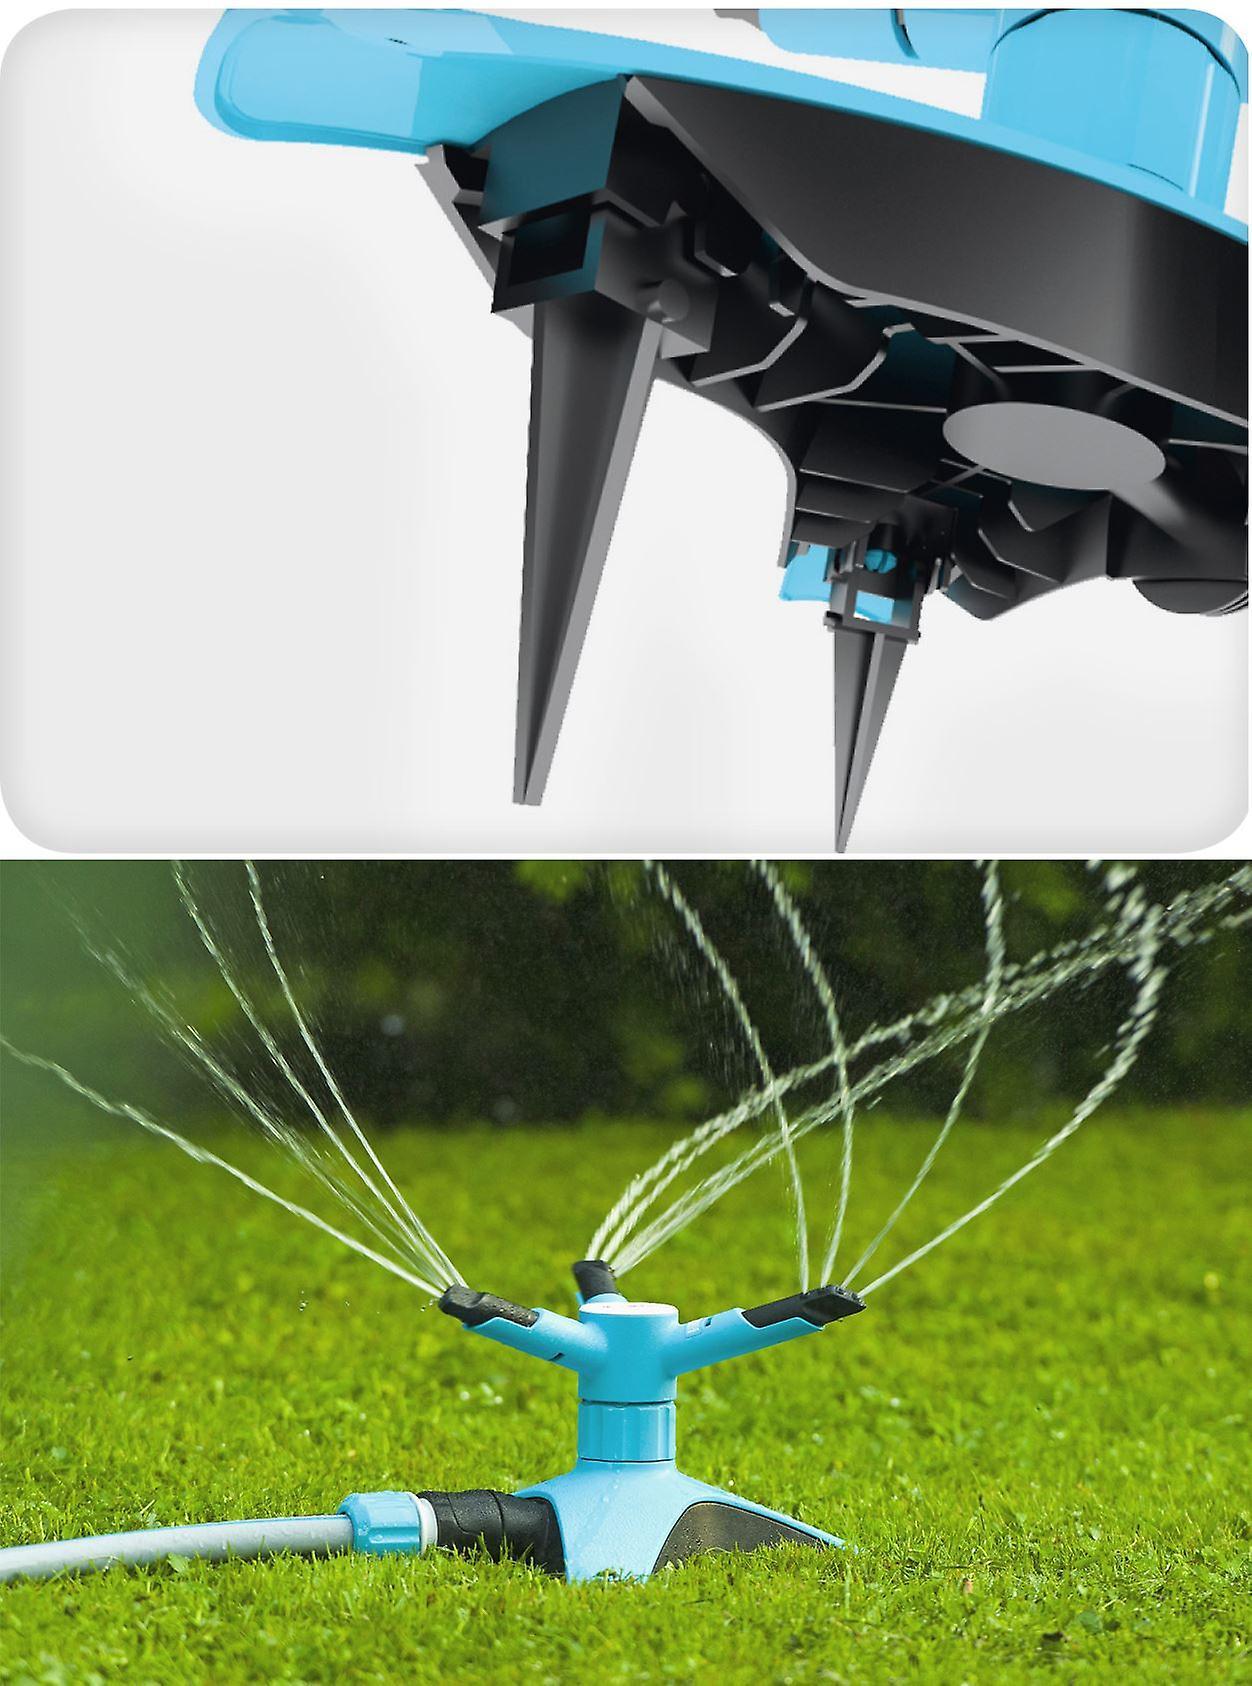 Zraszacz obrotowy do trawa trawnik odkryty ogród podlewanie nawadnianie